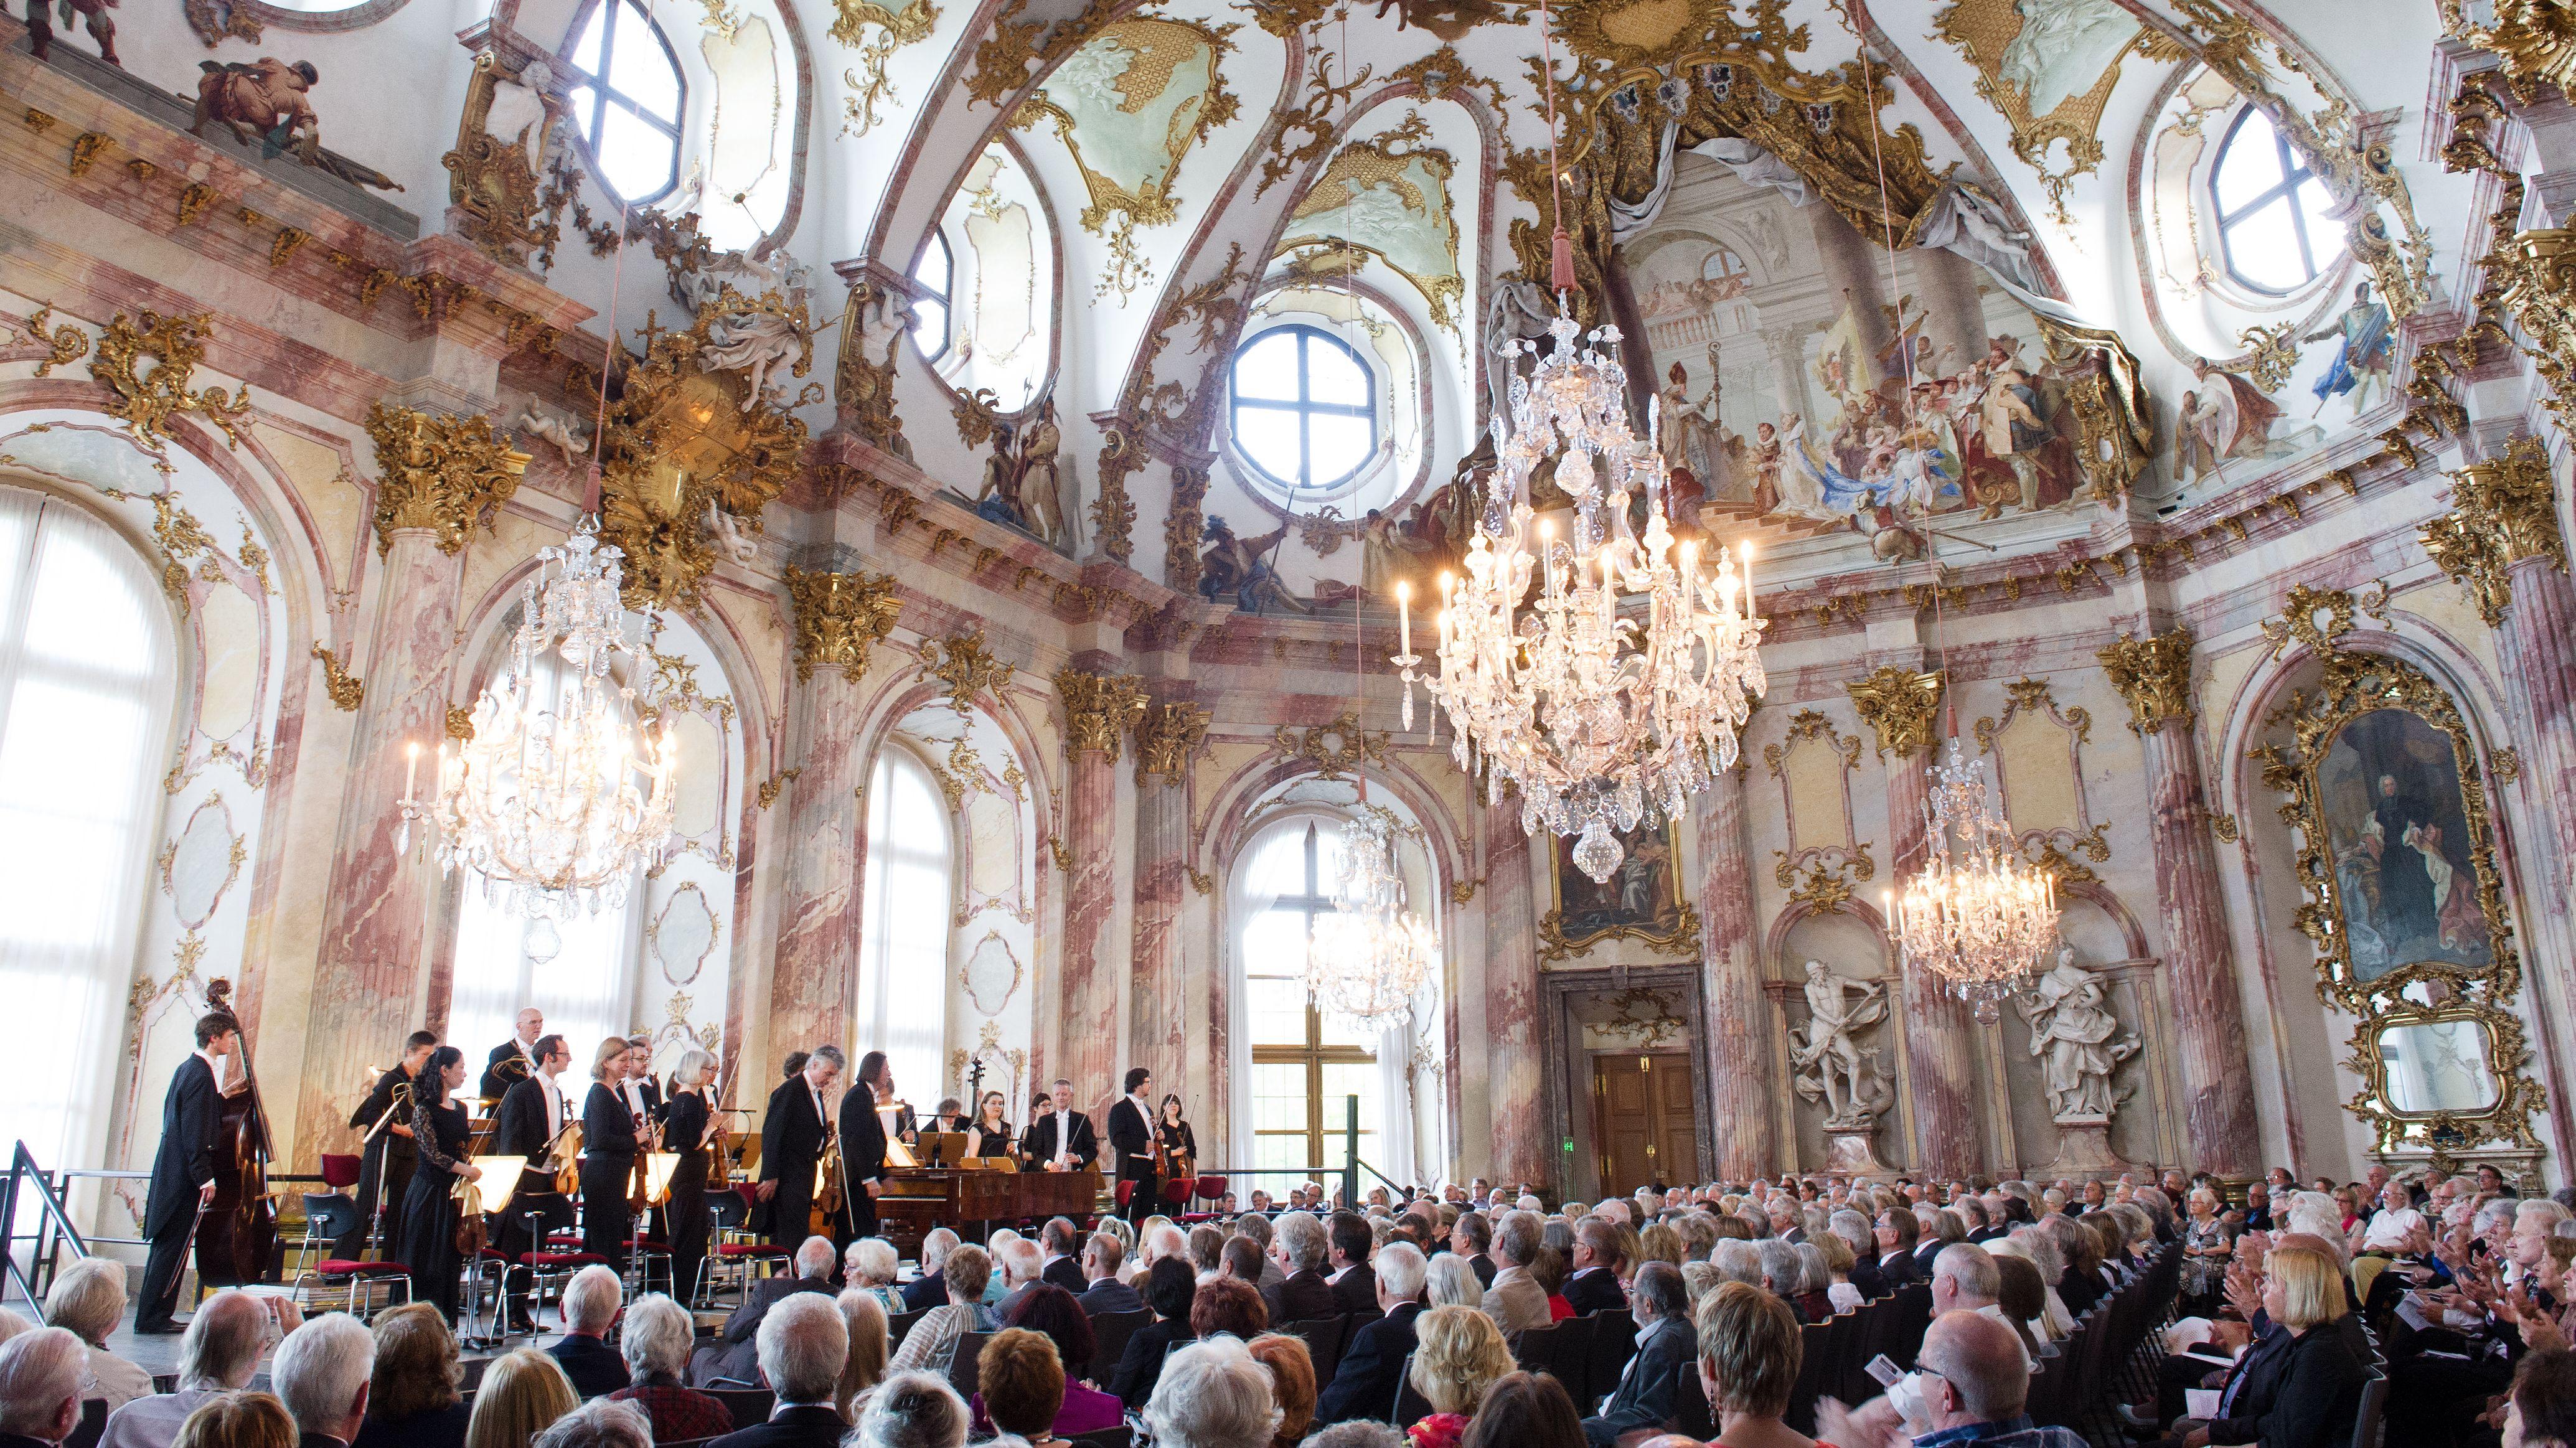 Über 24.000 Besucher beim Mozartfest in Würzburg